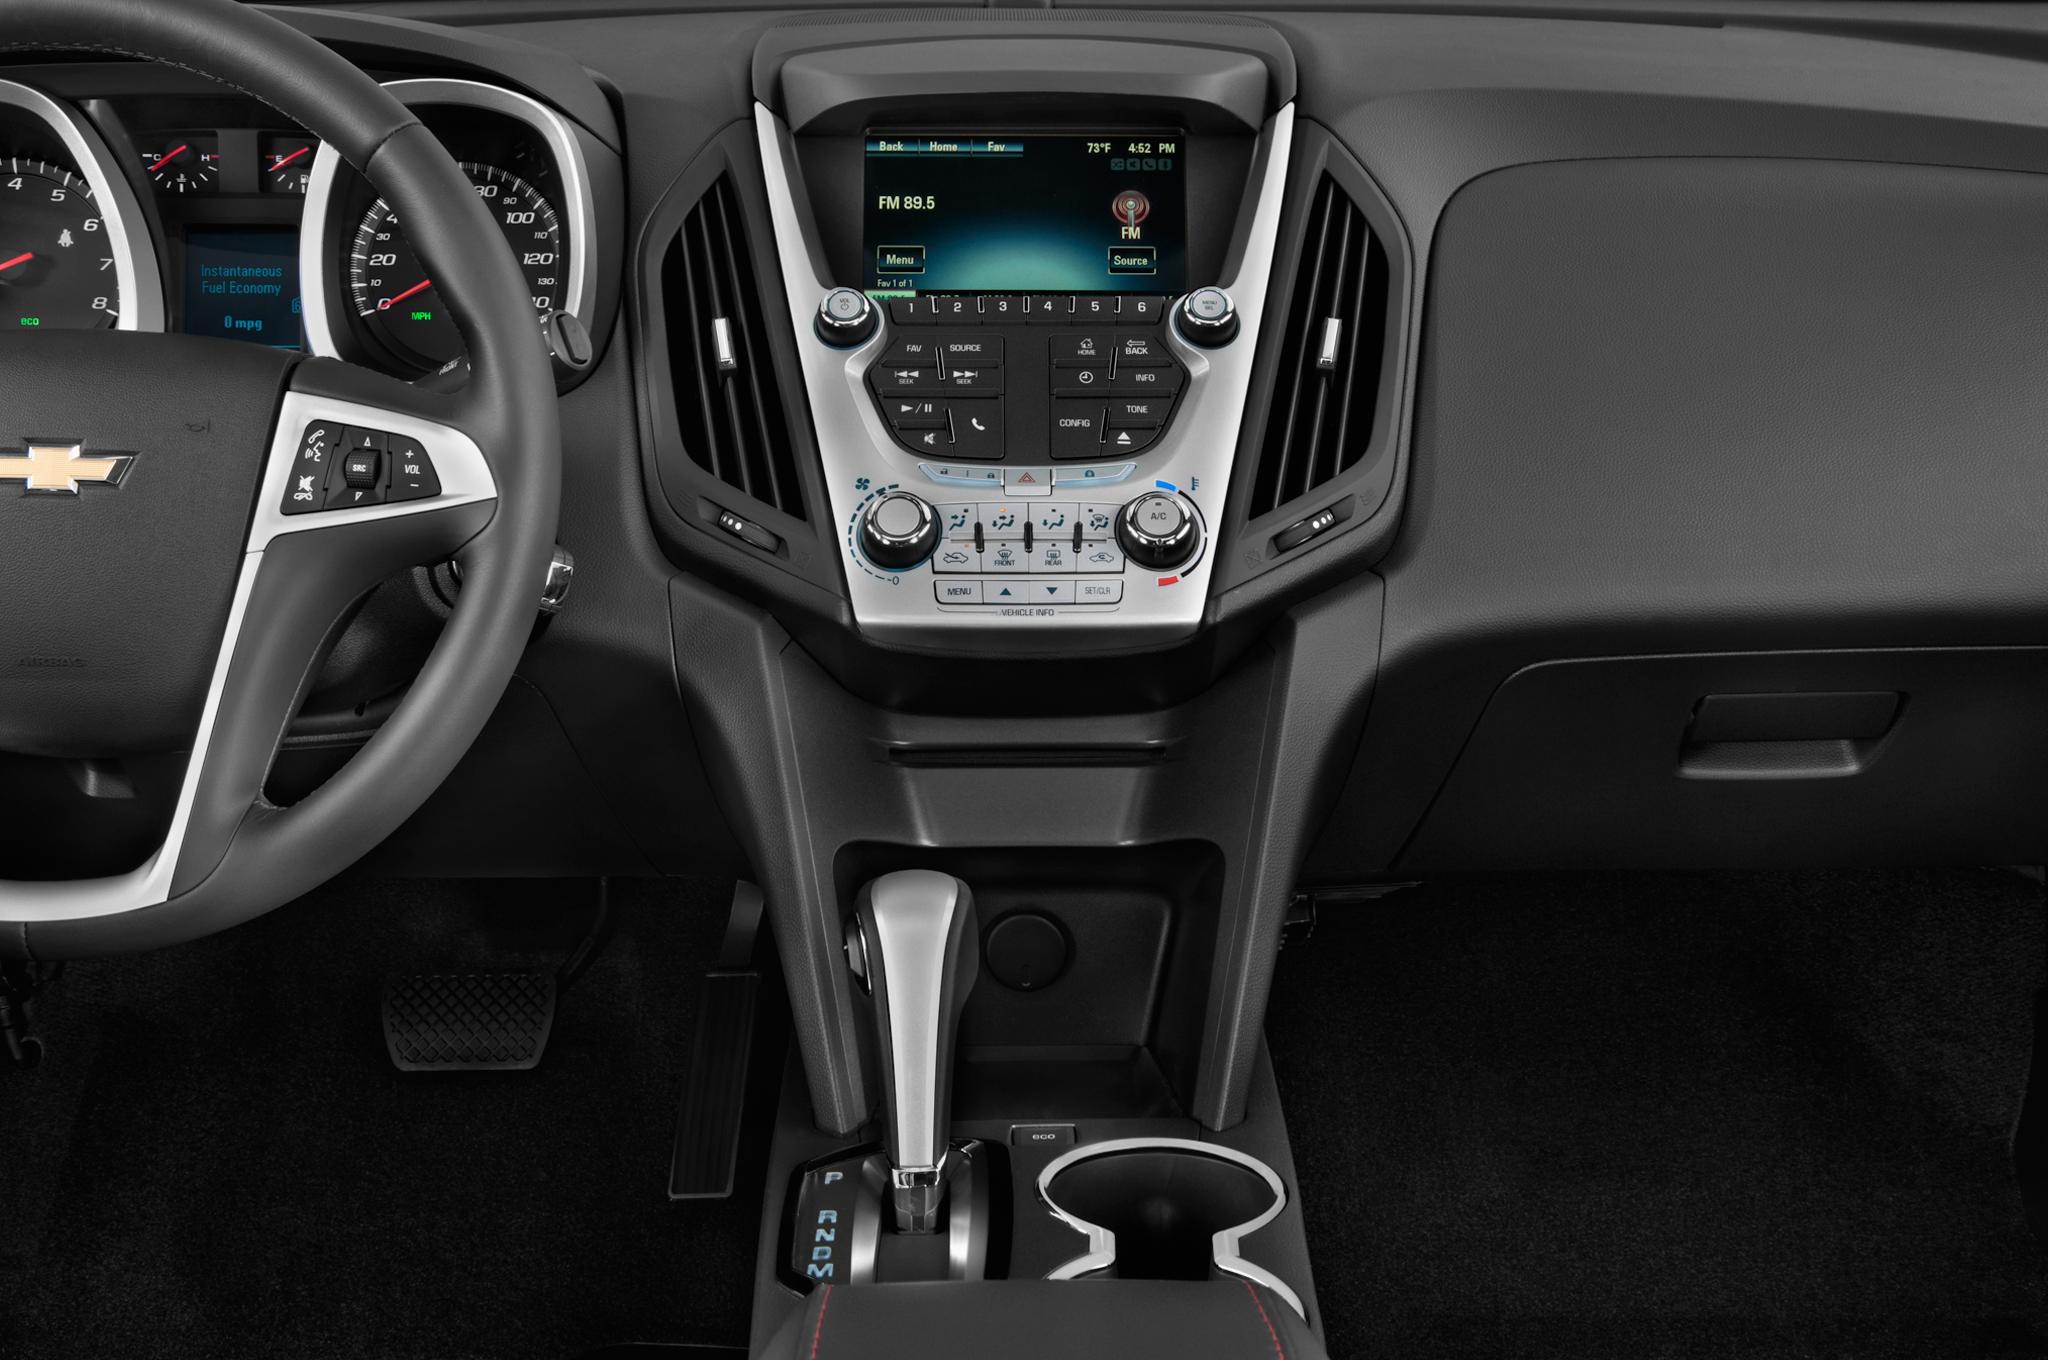 2012 Chevrolet Equinox LTZ - Editors' Notebook ...